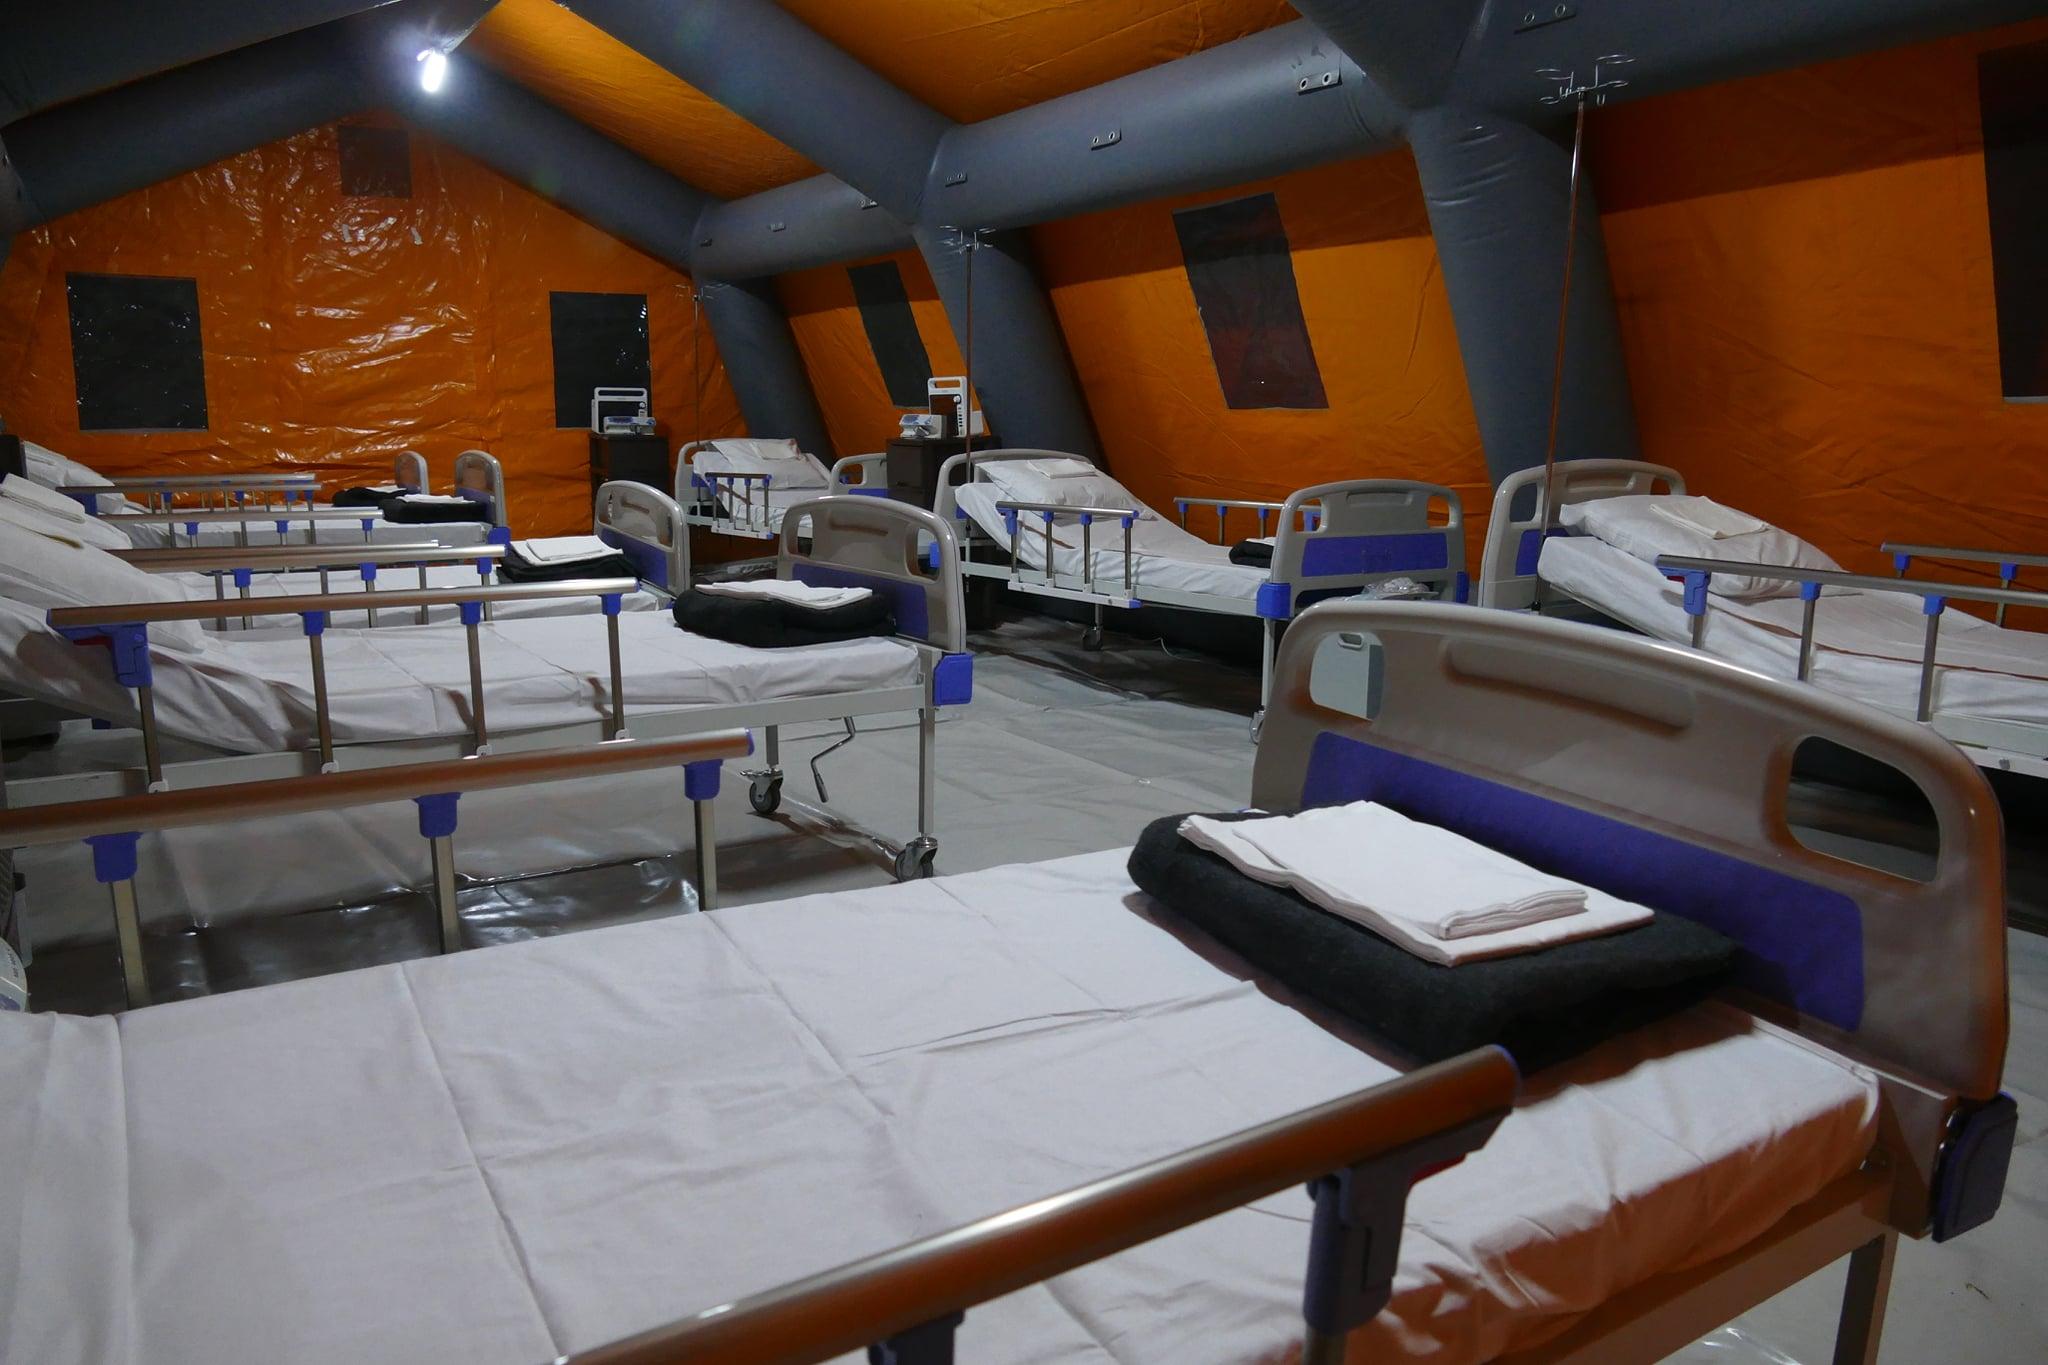 Снимок дня. Как выглядит изнутри мобильный госпиталь для COVID-пациентов в Ивано-Франковске